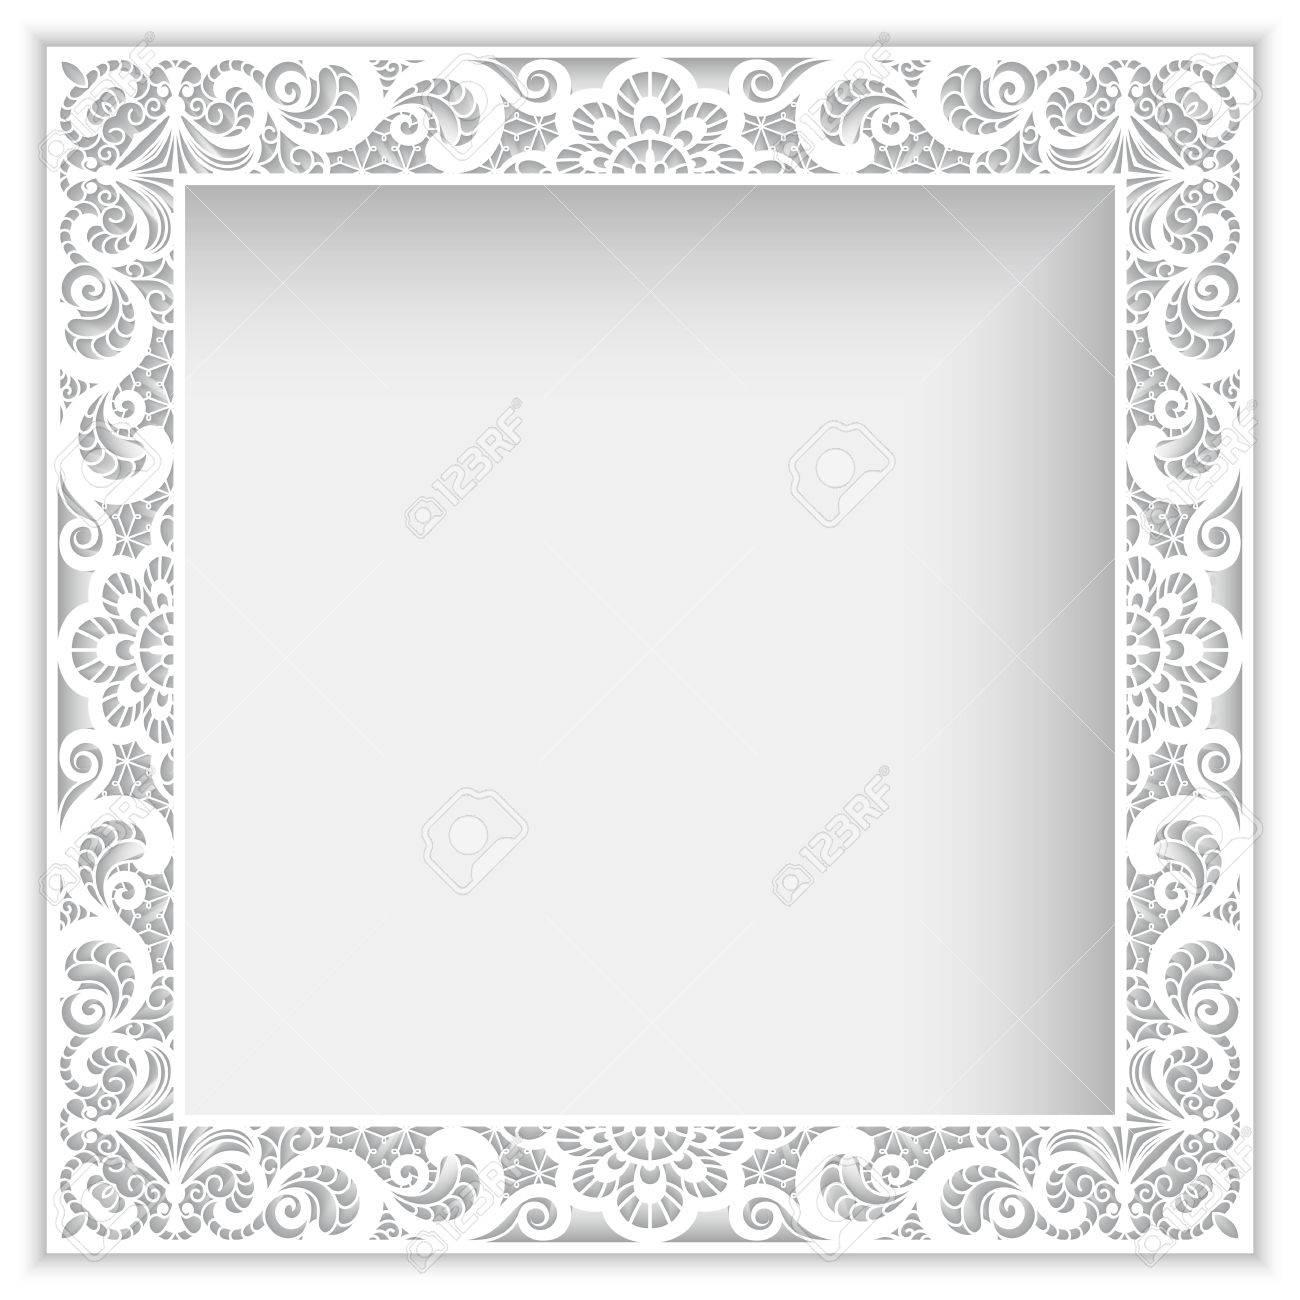 Quadratische Weiße Rahmen Mit Ausschnitt Papier Spitzen Grenze ...